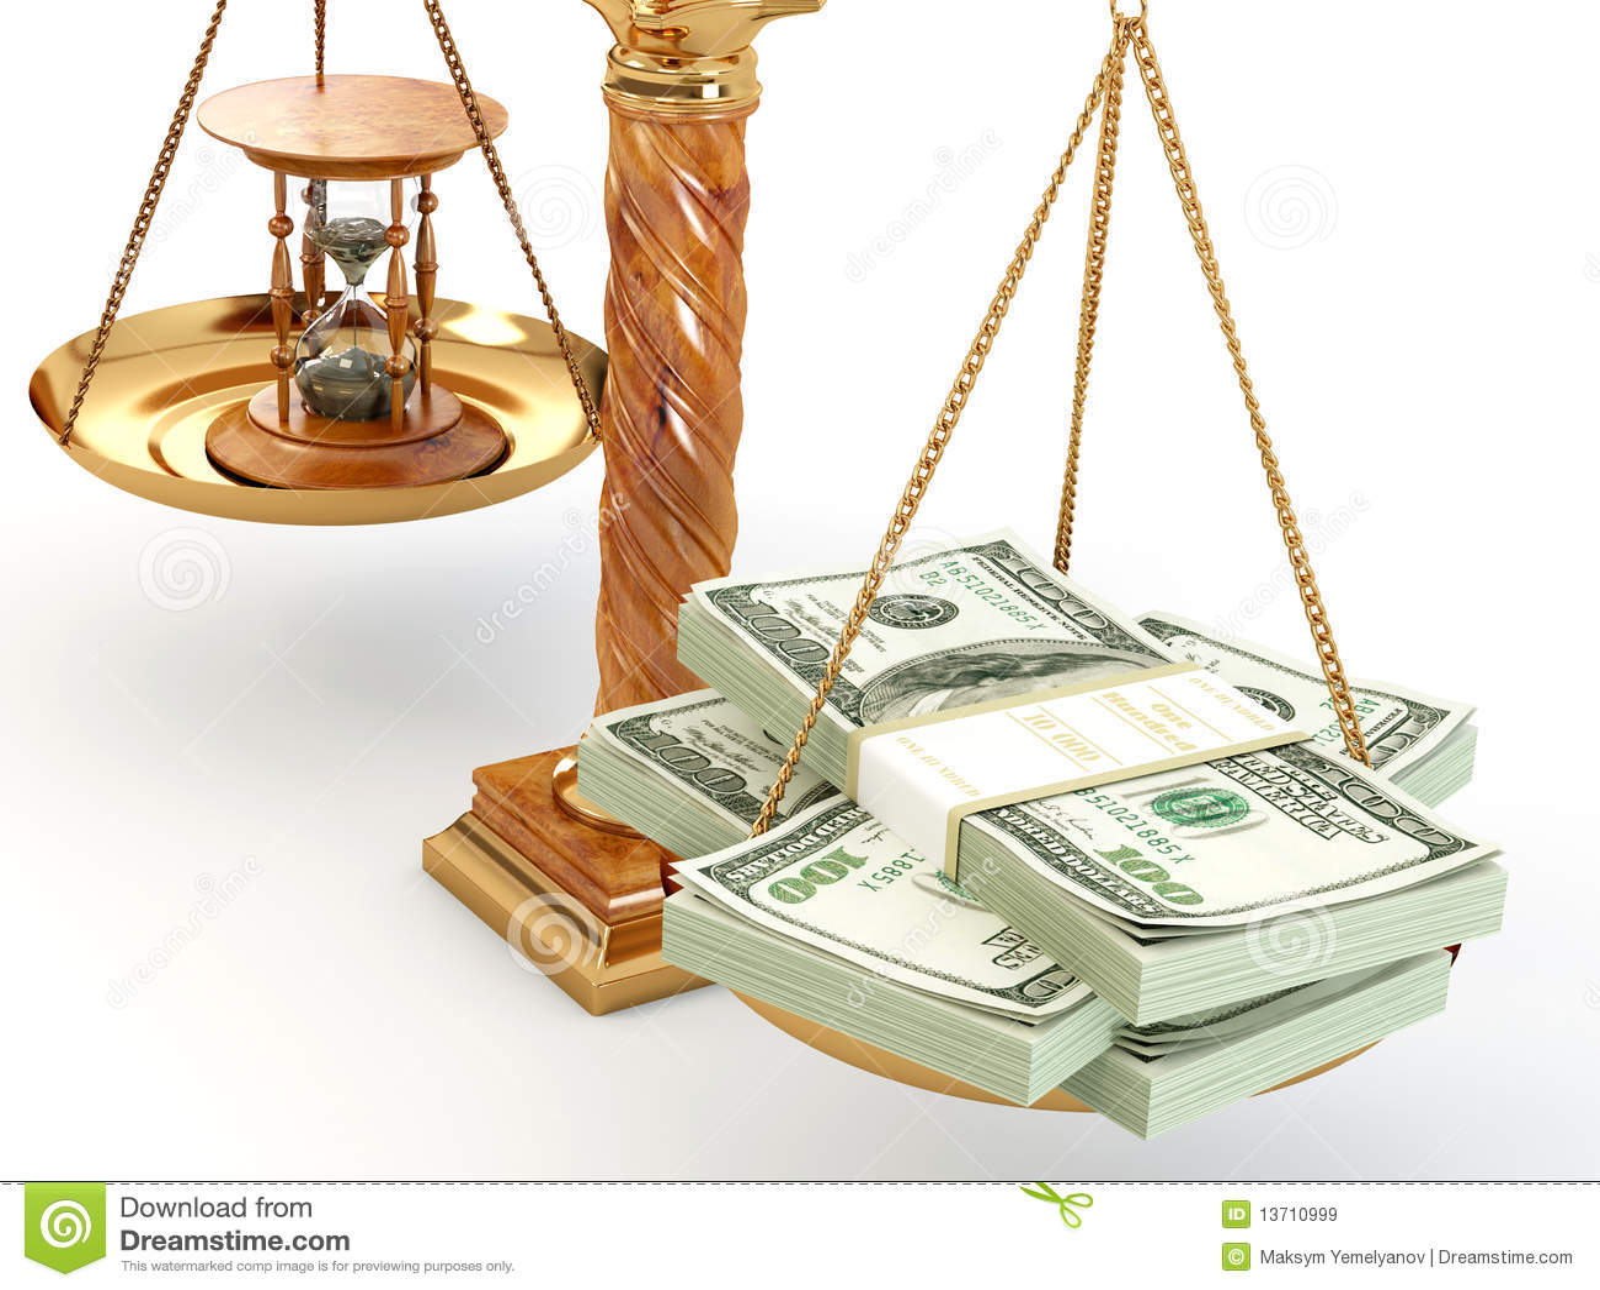 zeit ist geld geld und hourglass auf skala lizenzfreie stockbilder bild 13710999. Black Bedroom Furniture Sets. Home Design Ideas